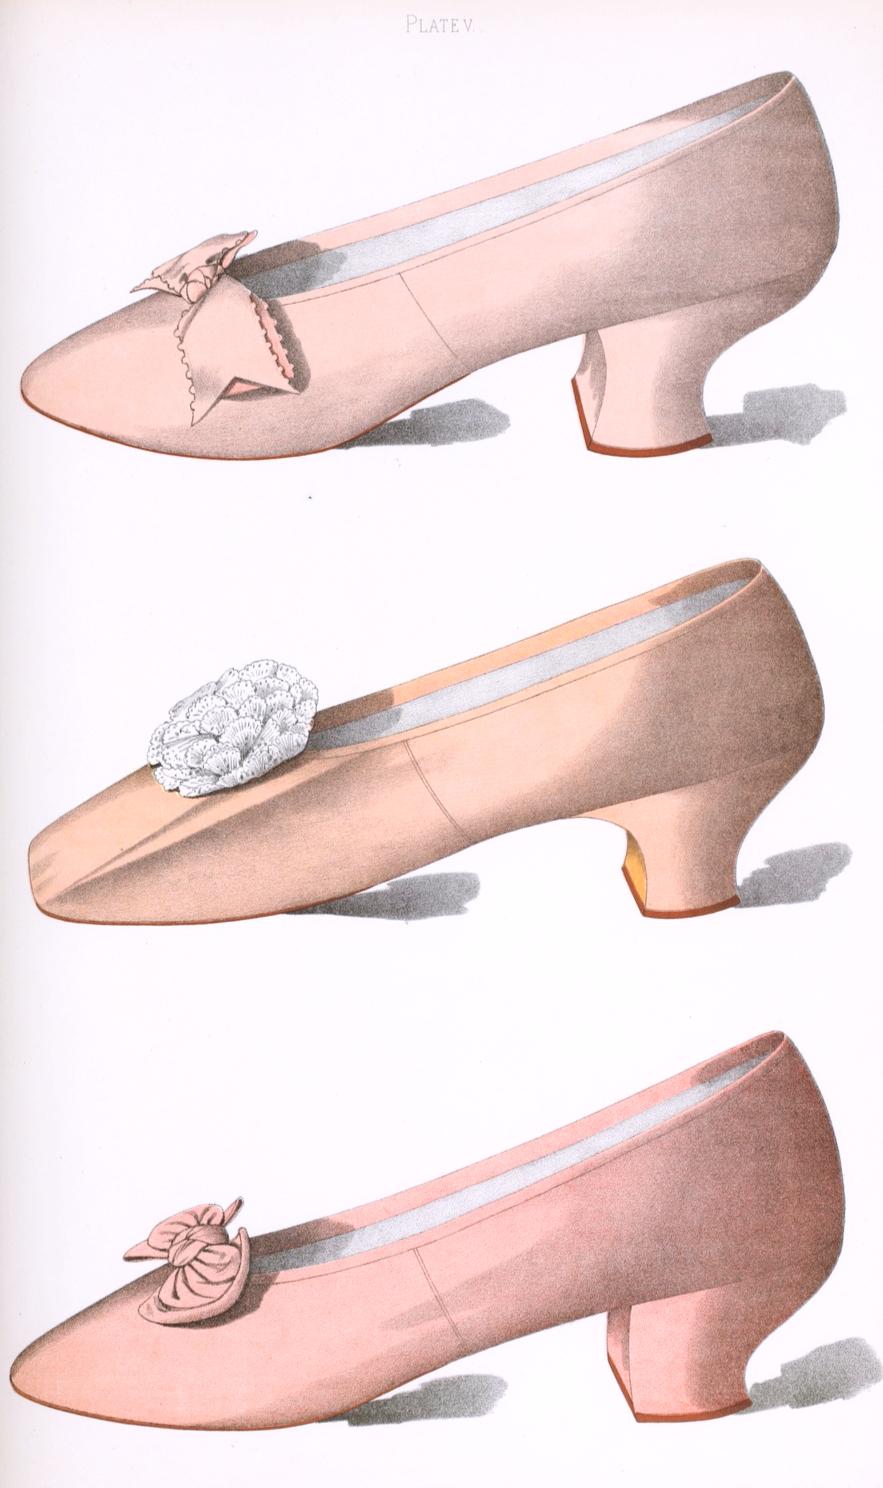 Pink shoes illustration public domain